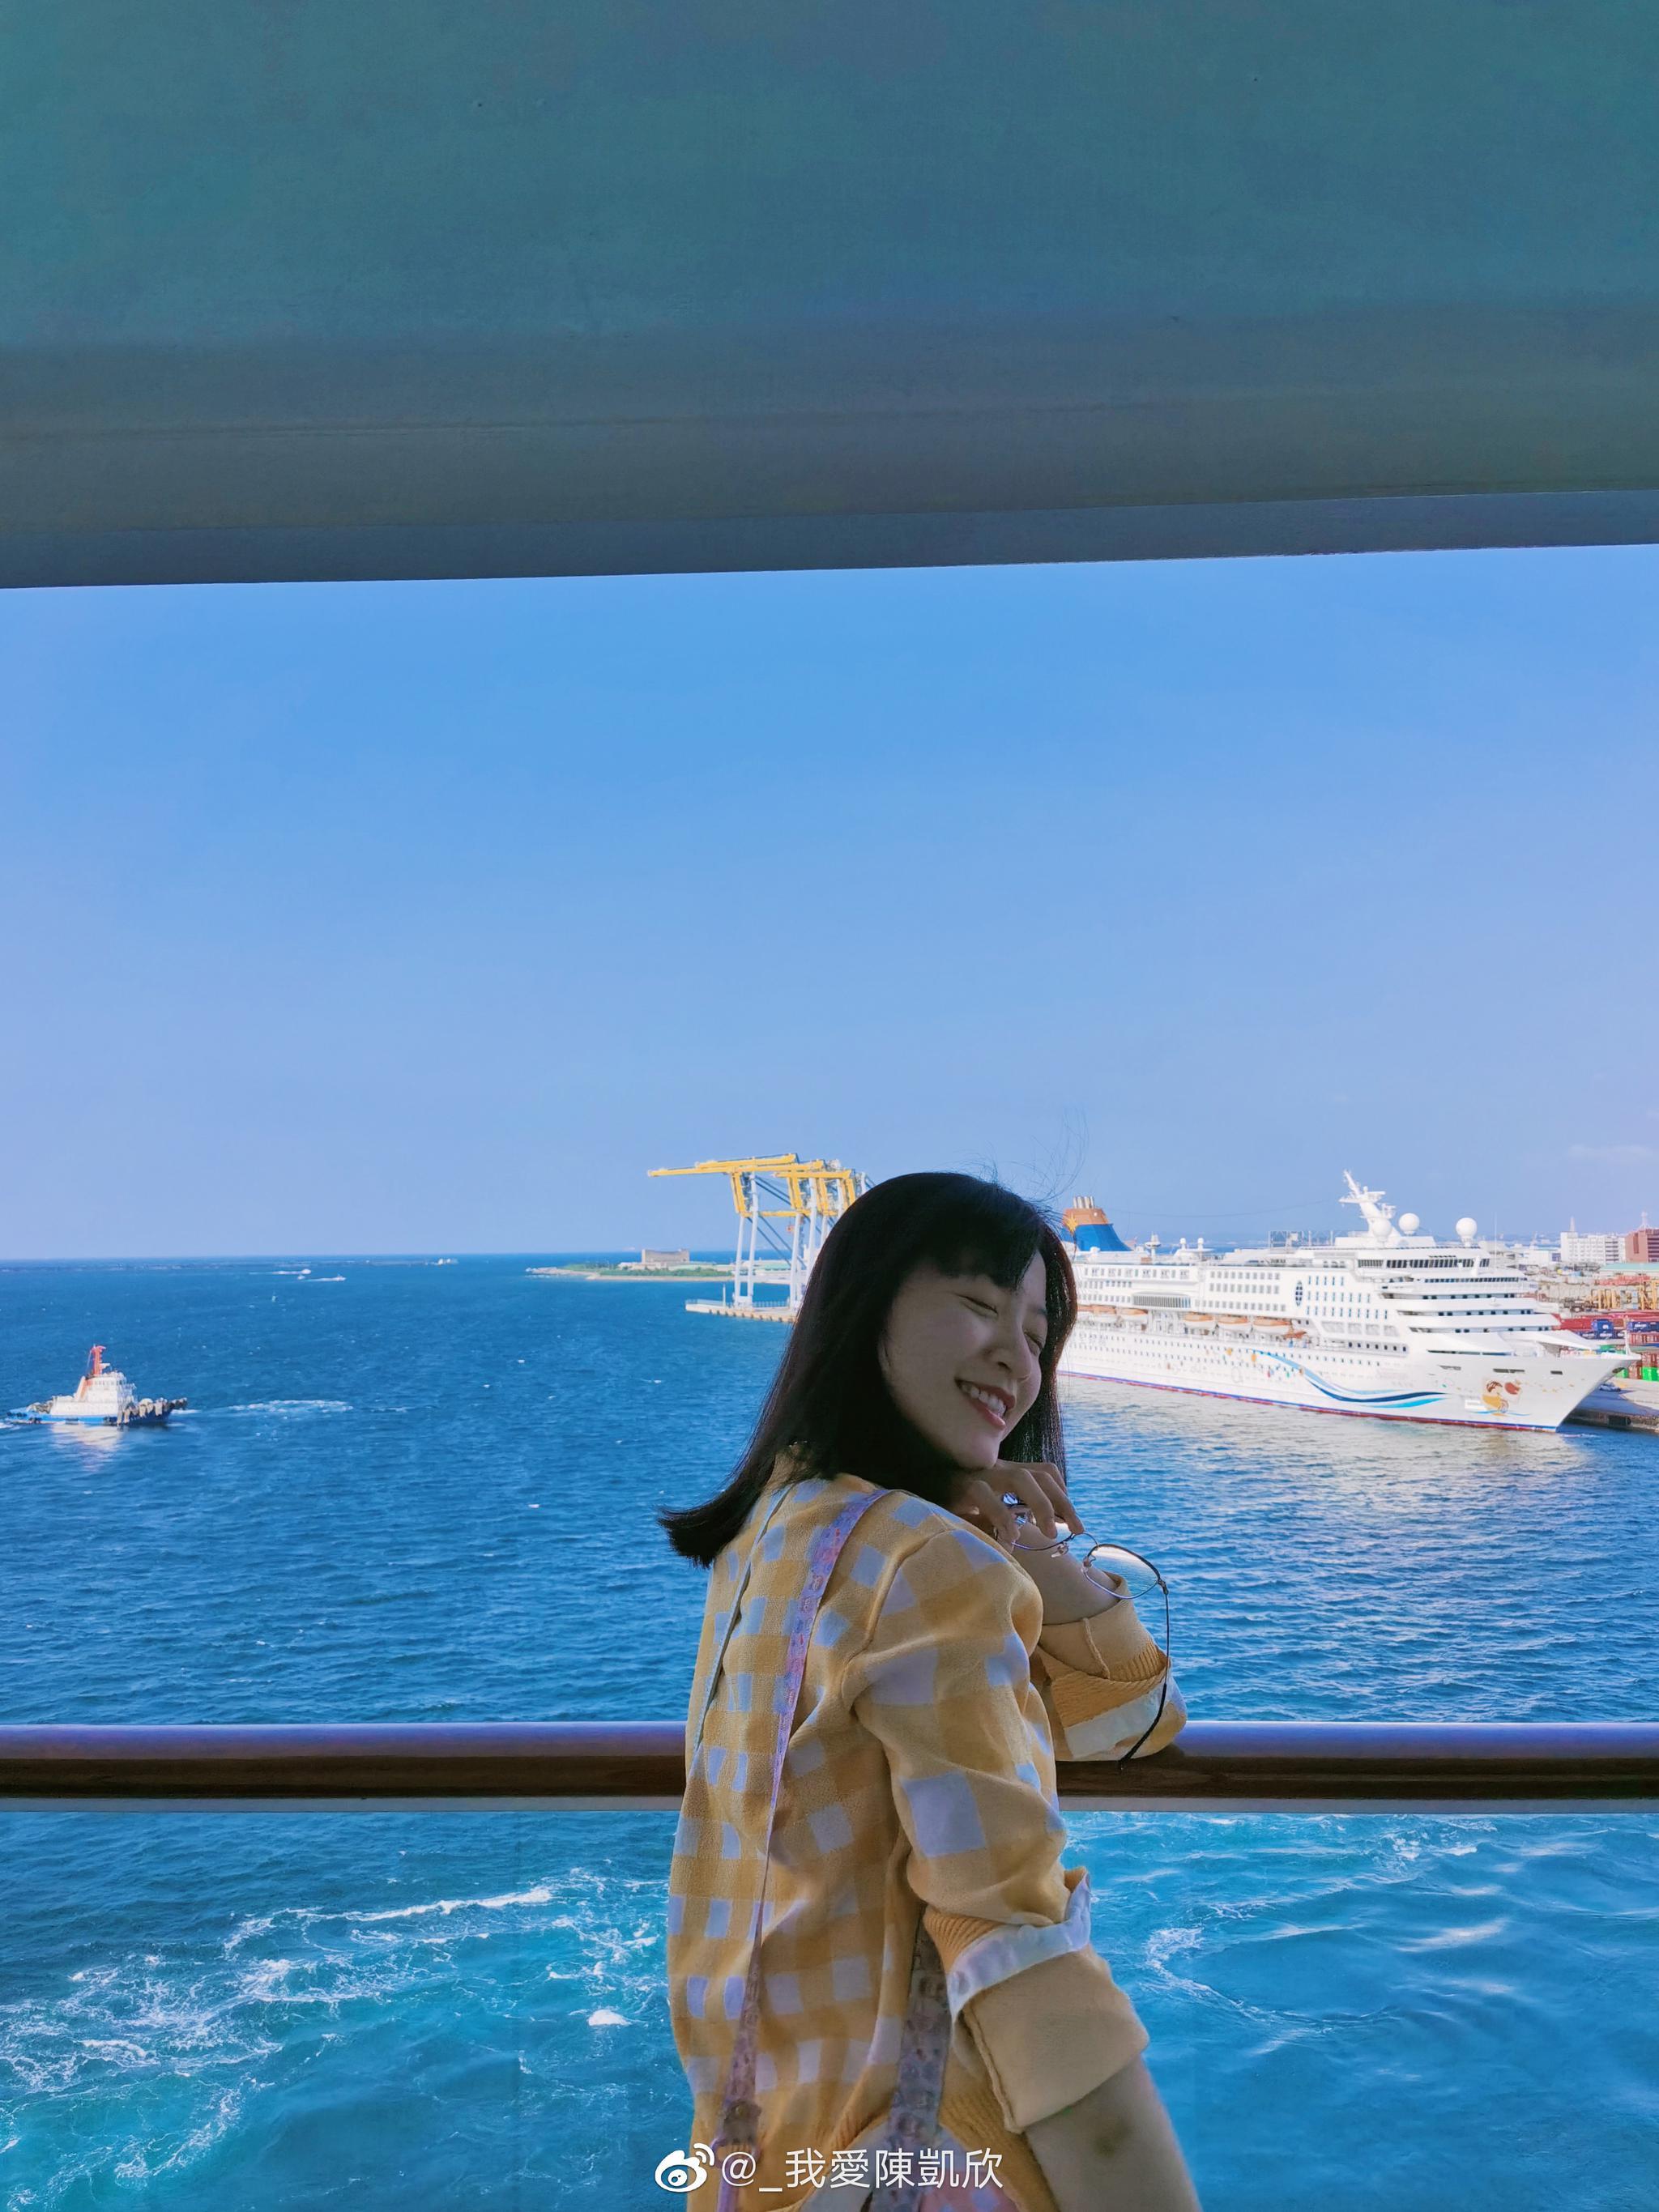 第三天邮轮靠岸在冲绳那霸 几年前邮轮停靠日本 没有签证的话是要强